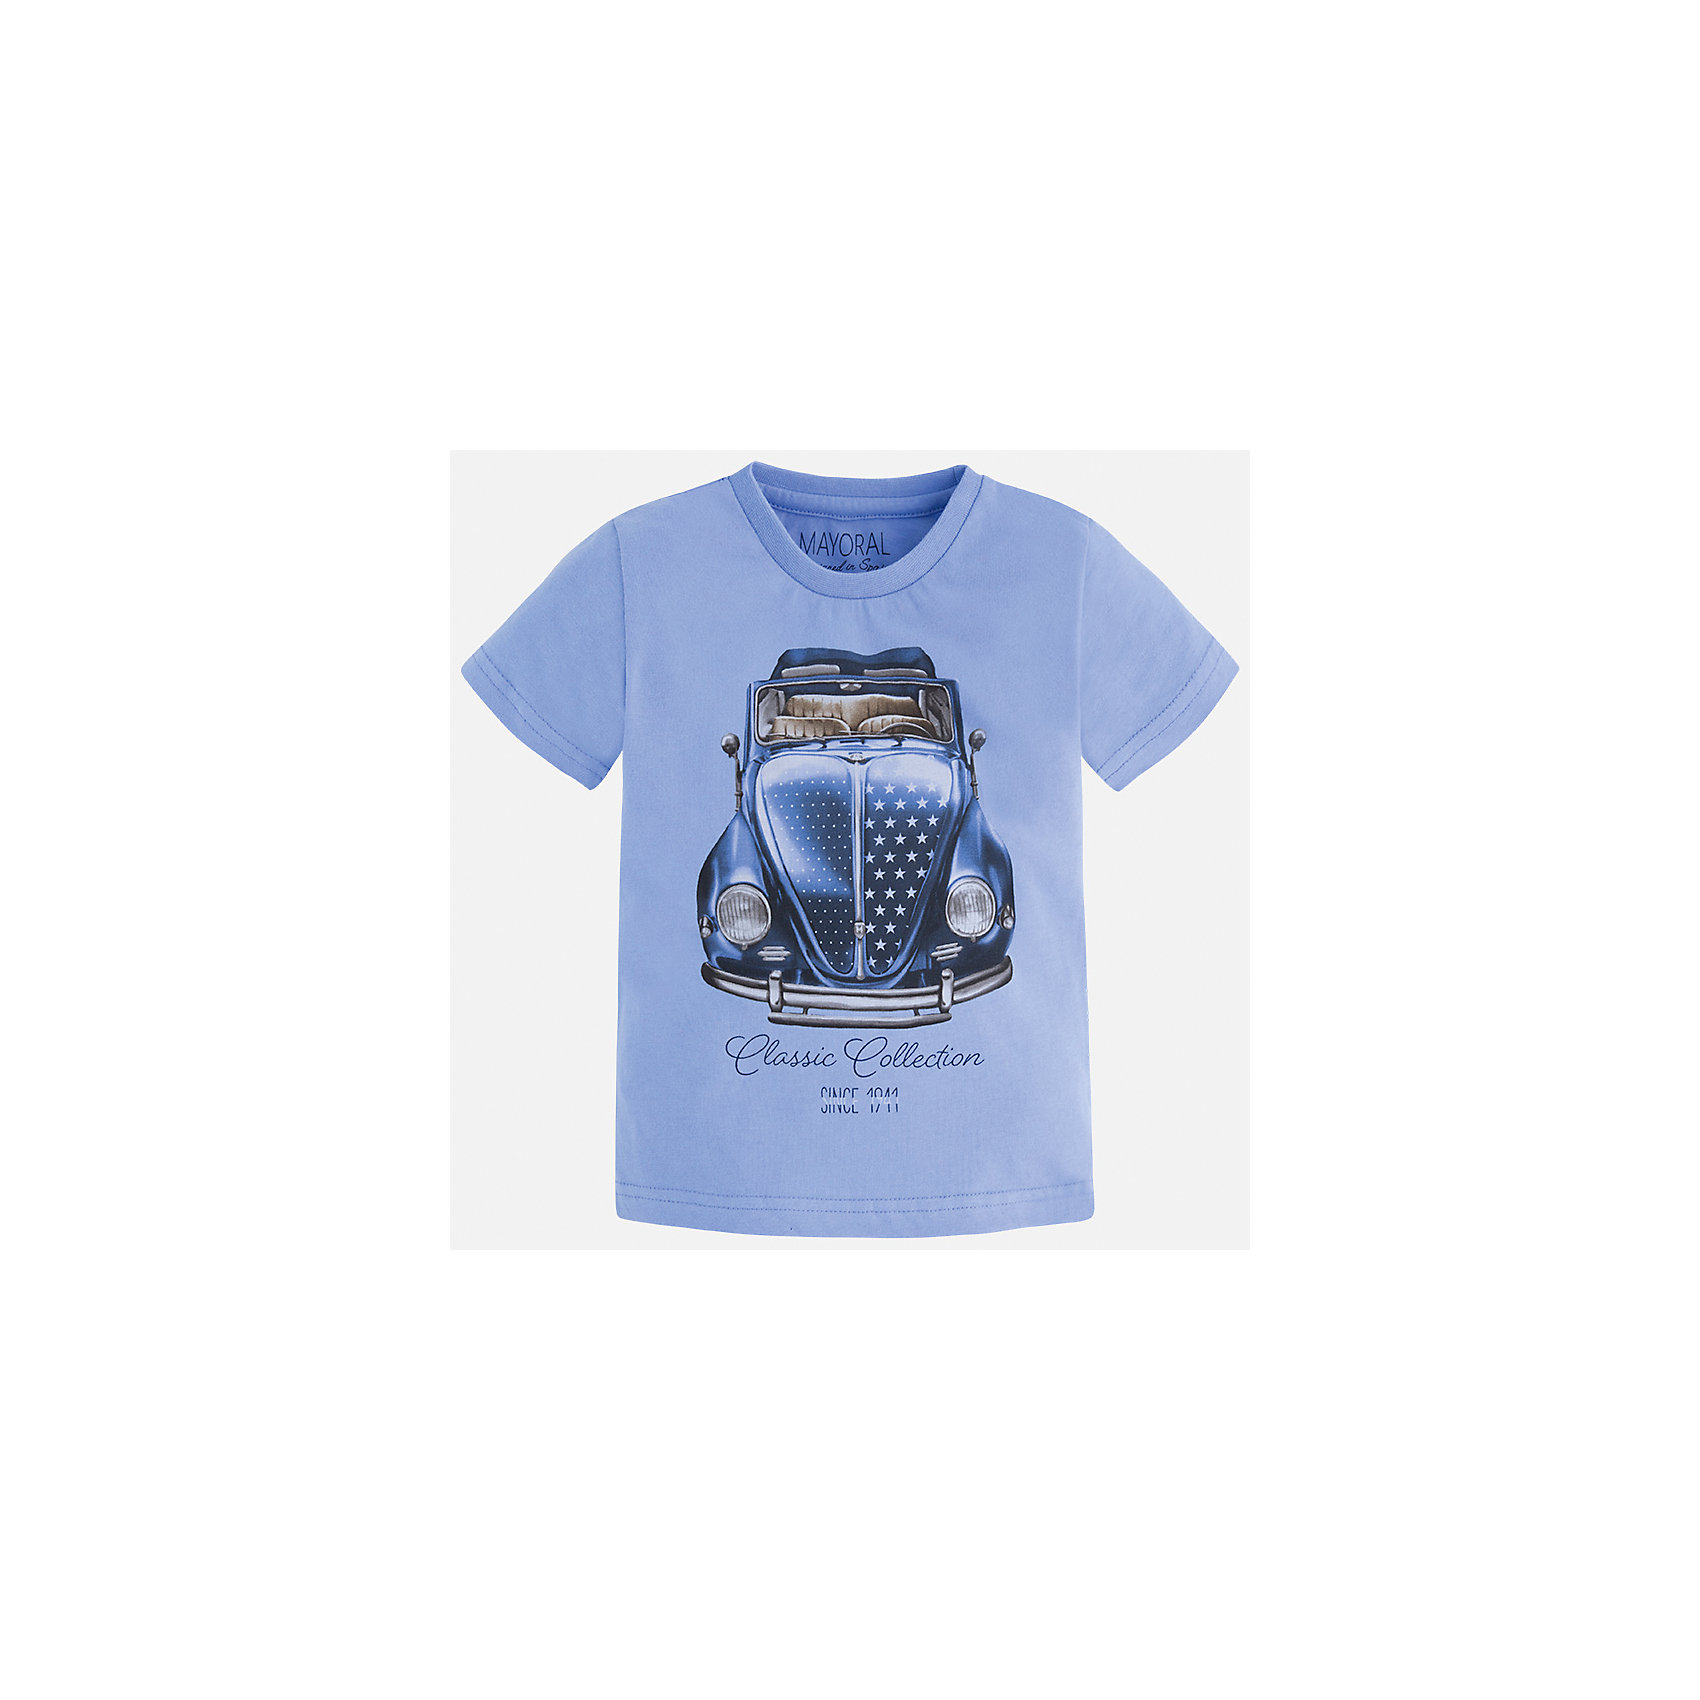 Футболка для мальчика MayoralФутболки, поло и топы<br>Характеристики товара:<br><br>• цвет: голубой<br>• состав: 100% хлопок<br>• круглый горловой вырез<br>• декорирована принтом<br>• короткие рукава<br>• отделка горловины<br>• страна бренда: Испания<br><br>Модная удобная футболка с принтом поможет разнообразить гардероб мальчика. Она отлично сочетается с брюками, шортами, джинсами. Универсальный крой и цвет позволяет подобрать к вещи низ разных расцветок. Практичное и стильное изделие! Хорошо смотрится и комфортно сидит на детях. В составе материала - только натуральный хлопок, гипоаллергенный, приятный на ощупь, дышащий. <br><br>Одежда, обувь и аксессуары от испанского бренда Mayoral полюбились детям и взрослым по всему миру. Модели этой марки - стильные и удобные. Для их производства используются только безопасные, качественные материалы и фурнитура. Порадуйте ребенка модными и красивыми вещами от Mayoral! <br><br>Футболку для мальчика от испанского бренда Mayoral (Майорал) можно купить в нашем интернет-магазине.<br><br>Ширина мм: 199<br>Глубина мм: 10<br>Высота мм: 161<br>Вес г: 151<br>Цвет: белый<br>Возраст от месяцев: 84<br>Возраст до месяцев: 96<br>Пол: Мужской<br>Возраст: Детский<br>Размер: 128,122,110,98,104,116,92,134<br>SKU: 5279908